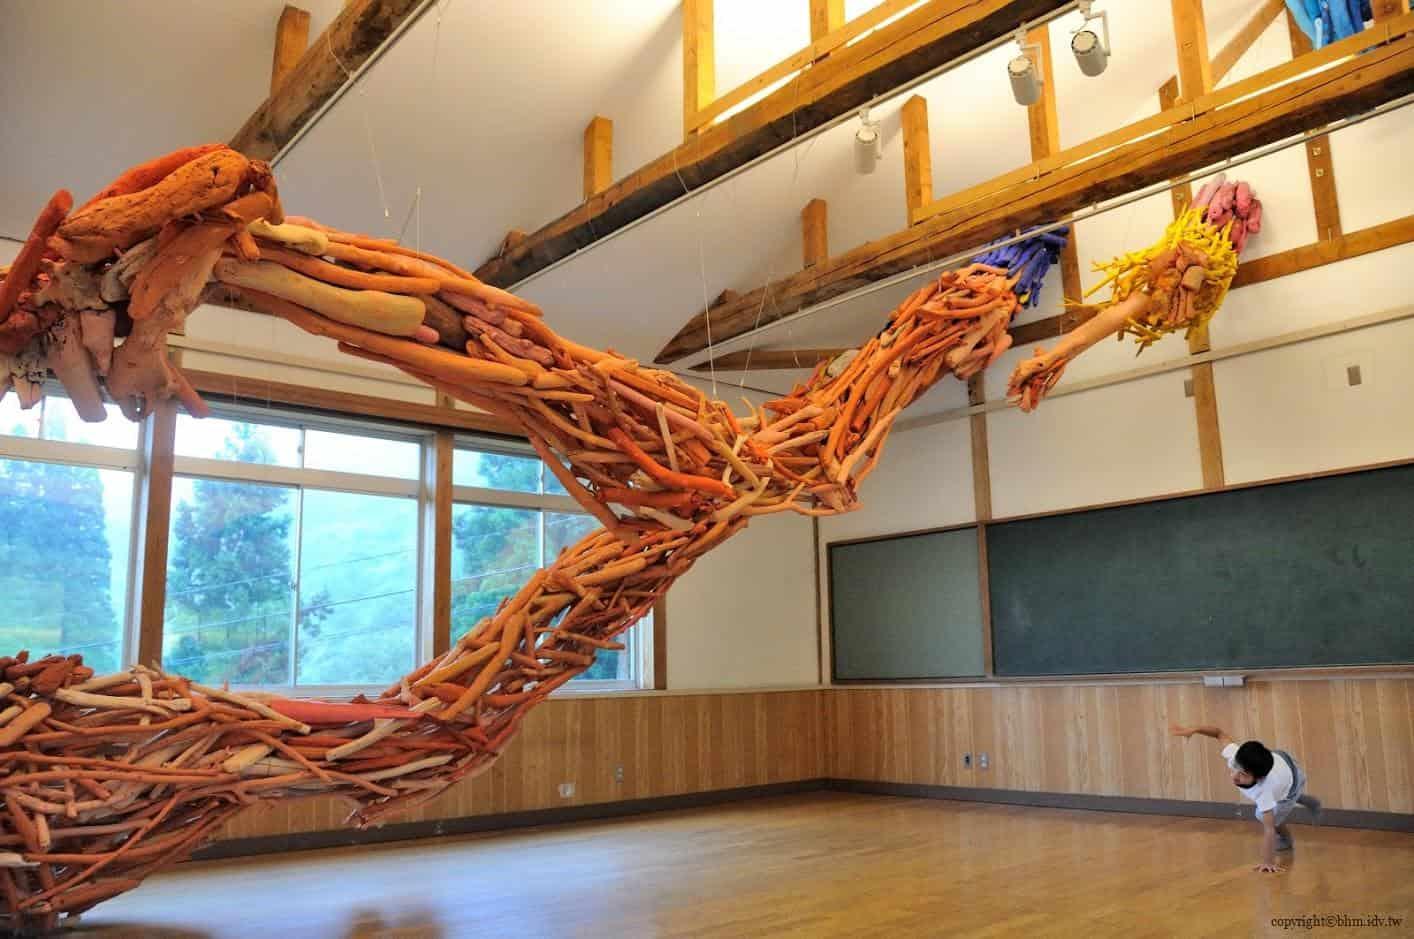 田島征三,繪本和樹木果實美術館,以「學校不是空的喔!」為主題,如一隻大手伸進來由漂流木組合成的藝術品,在空間中顯得張力十足;小朋友也跟著模仿動作 繪本和樹木果實美術館 繪本和樹木果實美術館 hachi seizo tashima museum of picture book art 14